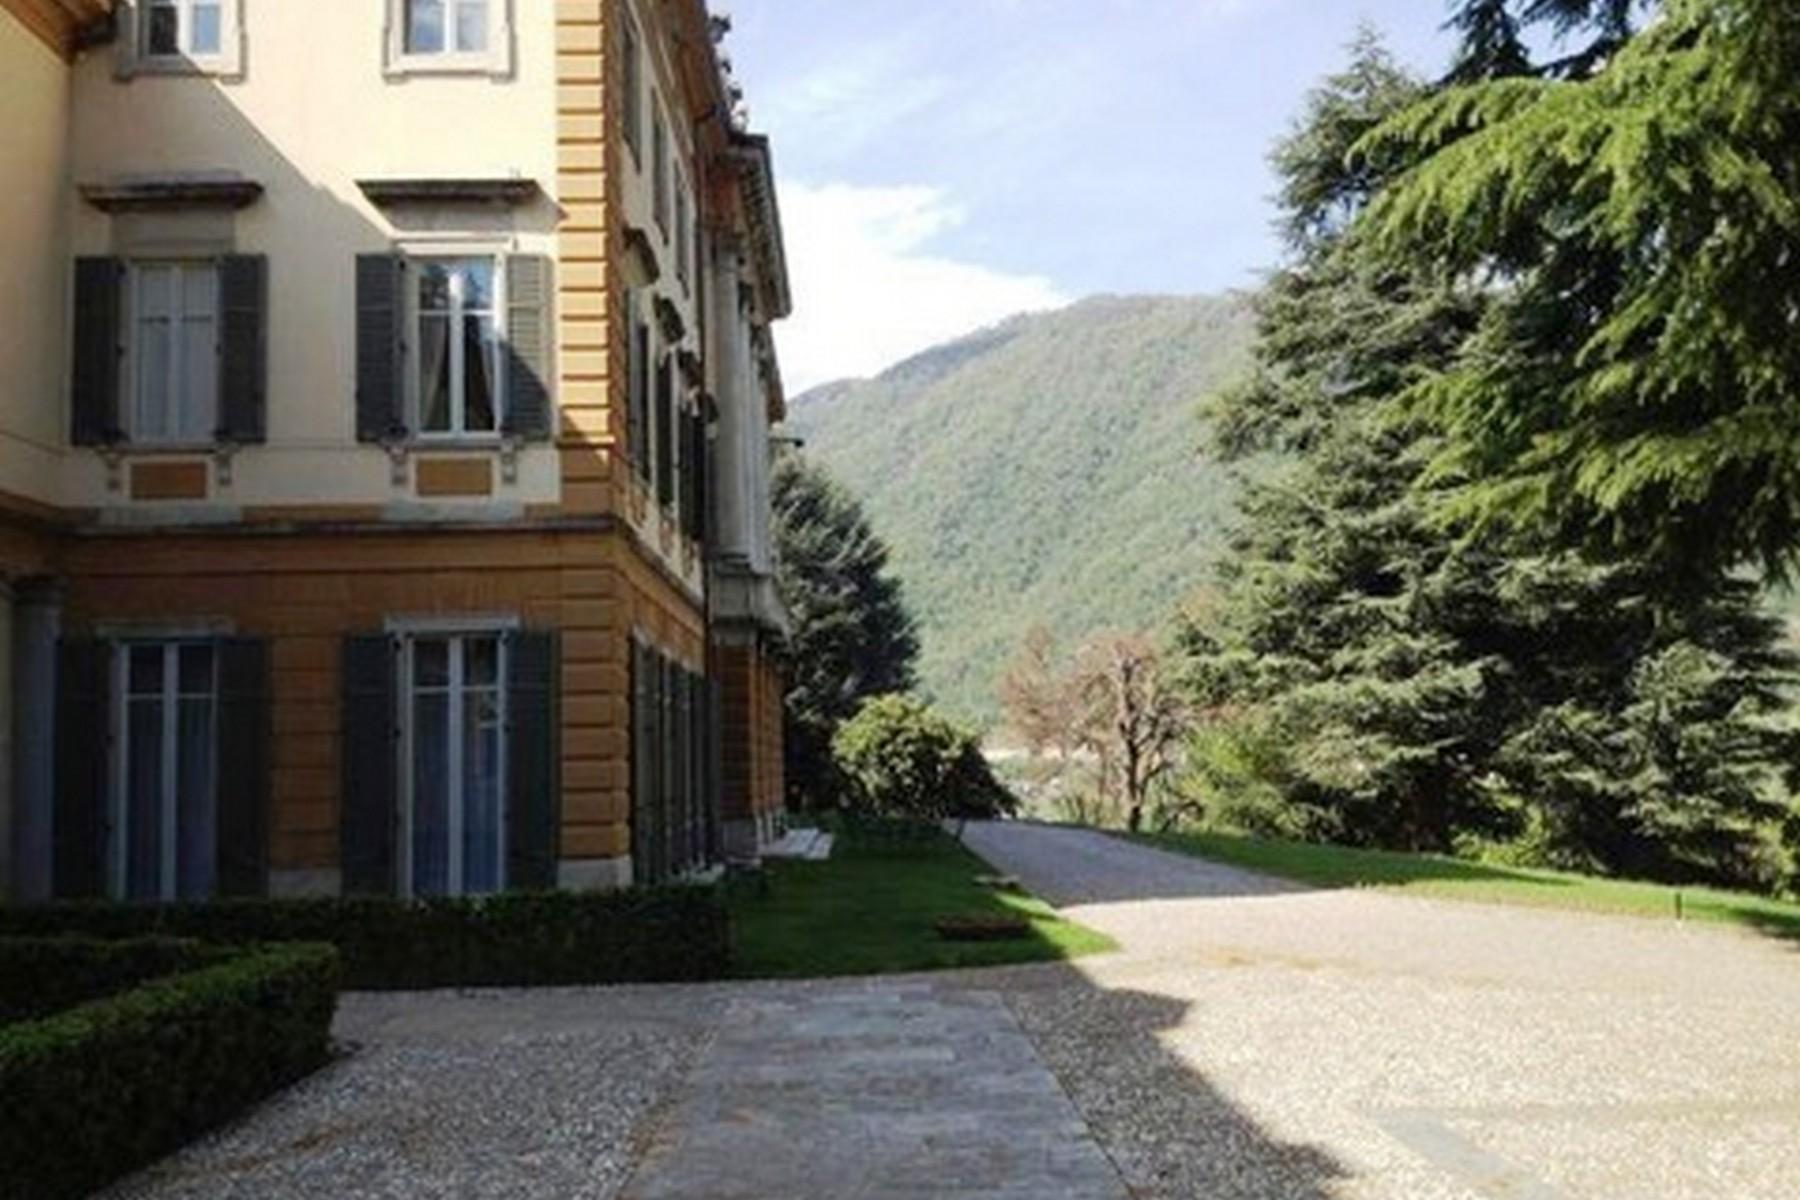 Casa indipendente in Vendita a Como: 5 locali, 180 mq - Foto 5